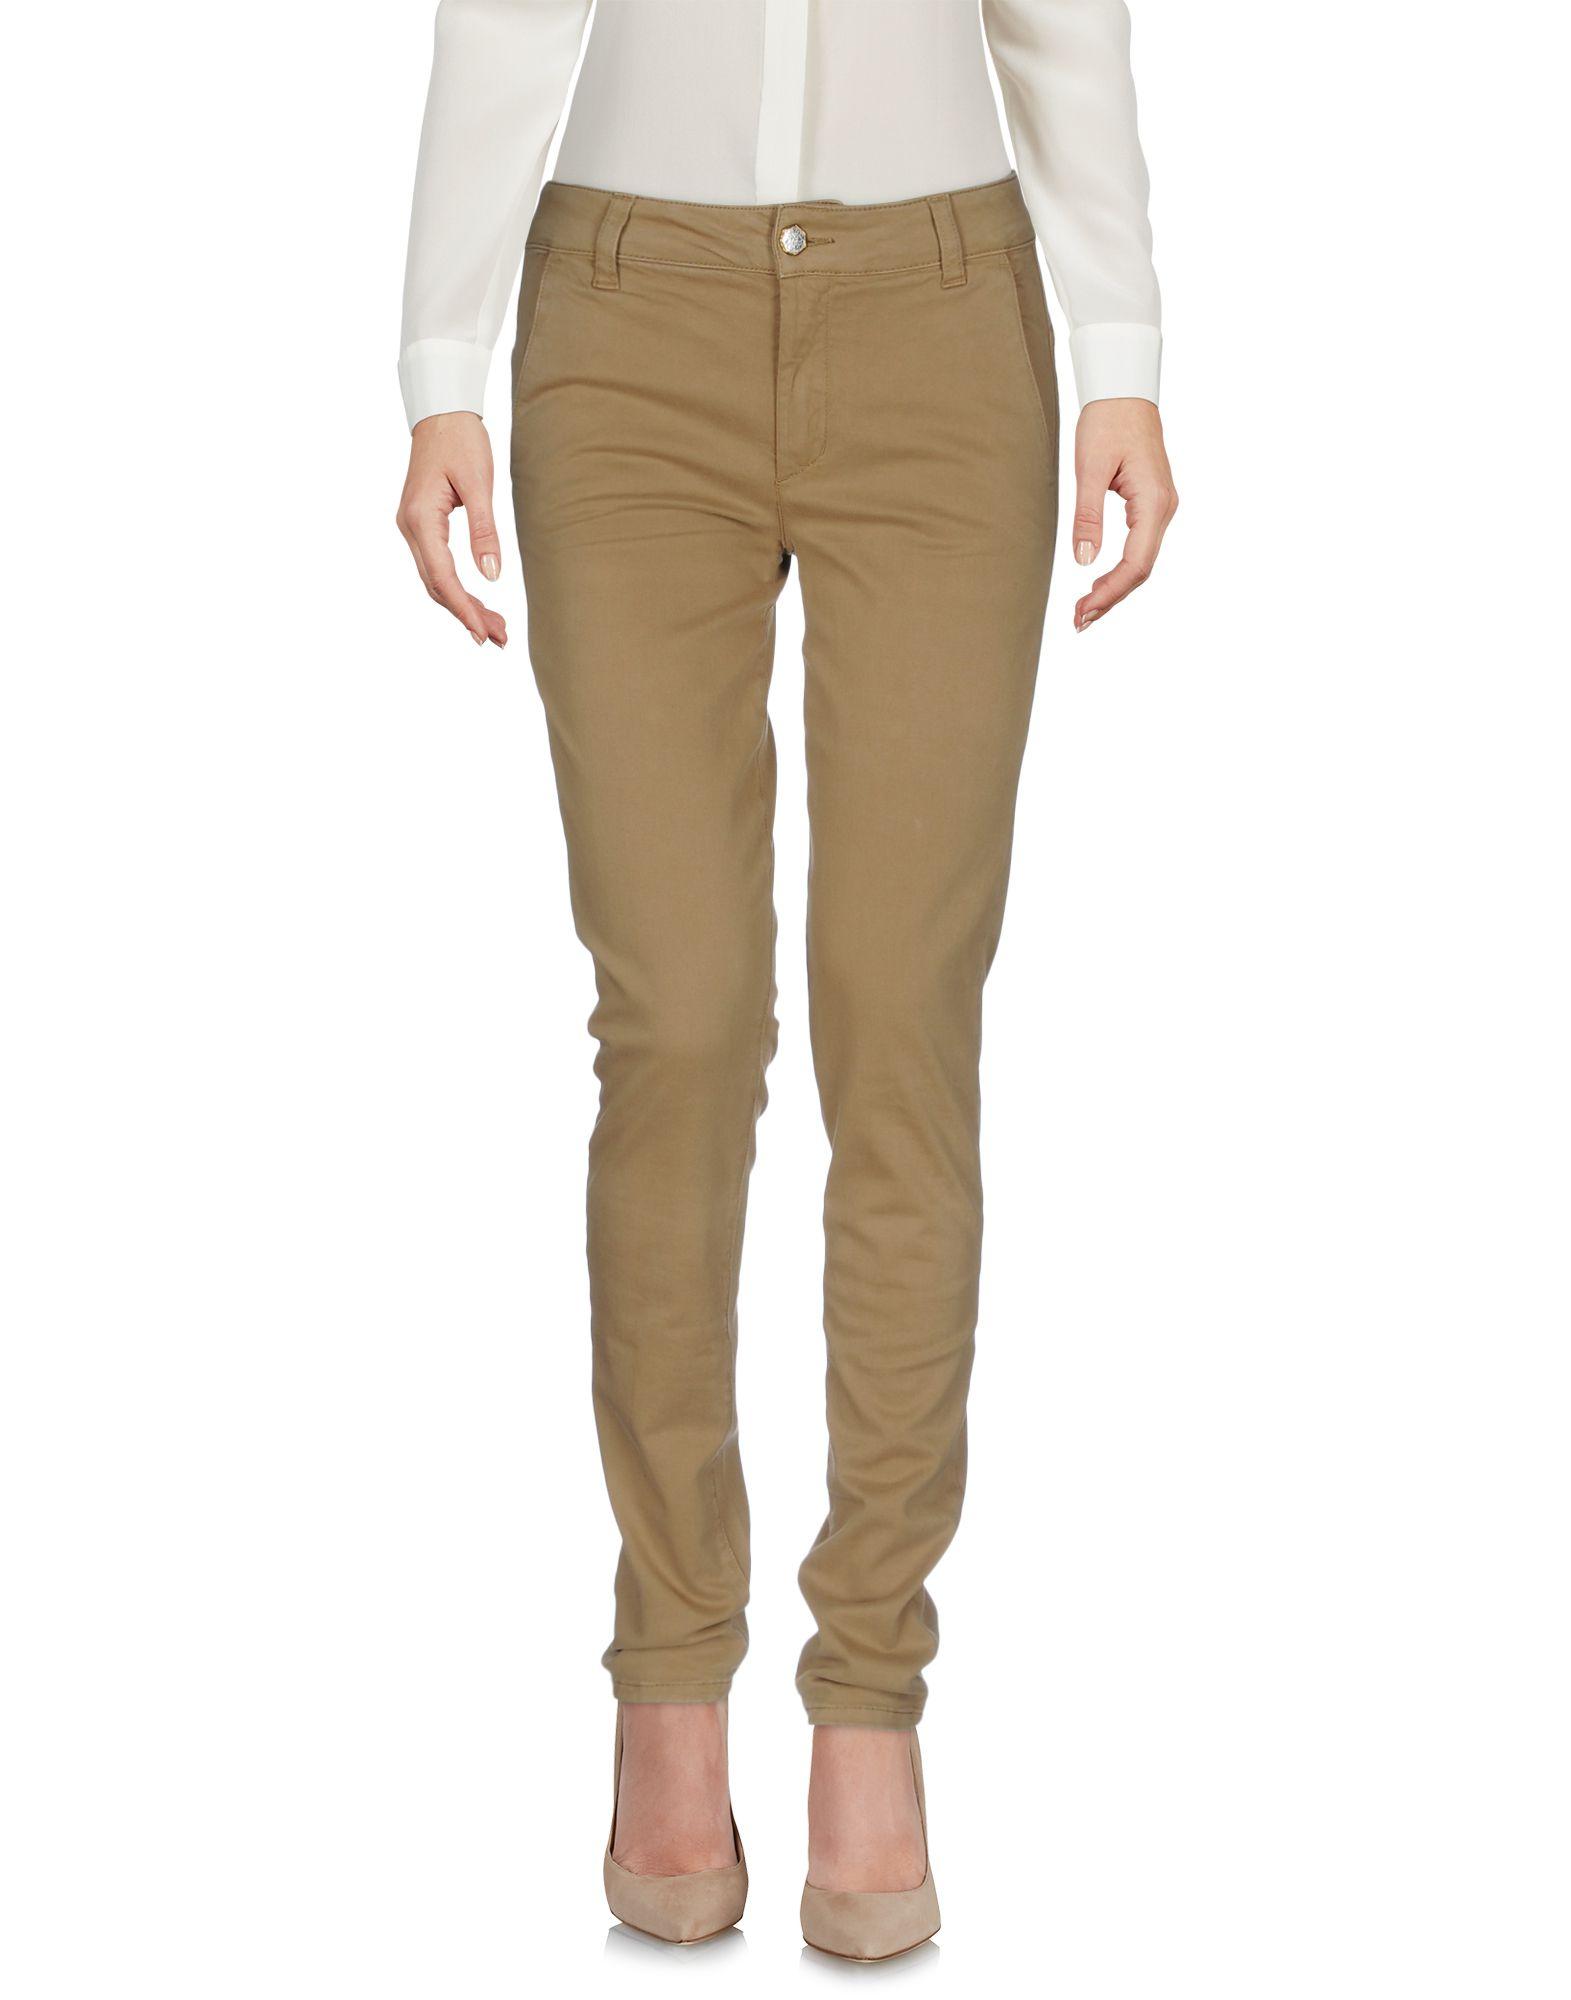 LK COLLECTION Повседневные брюки itech lk 208l brown коричневый